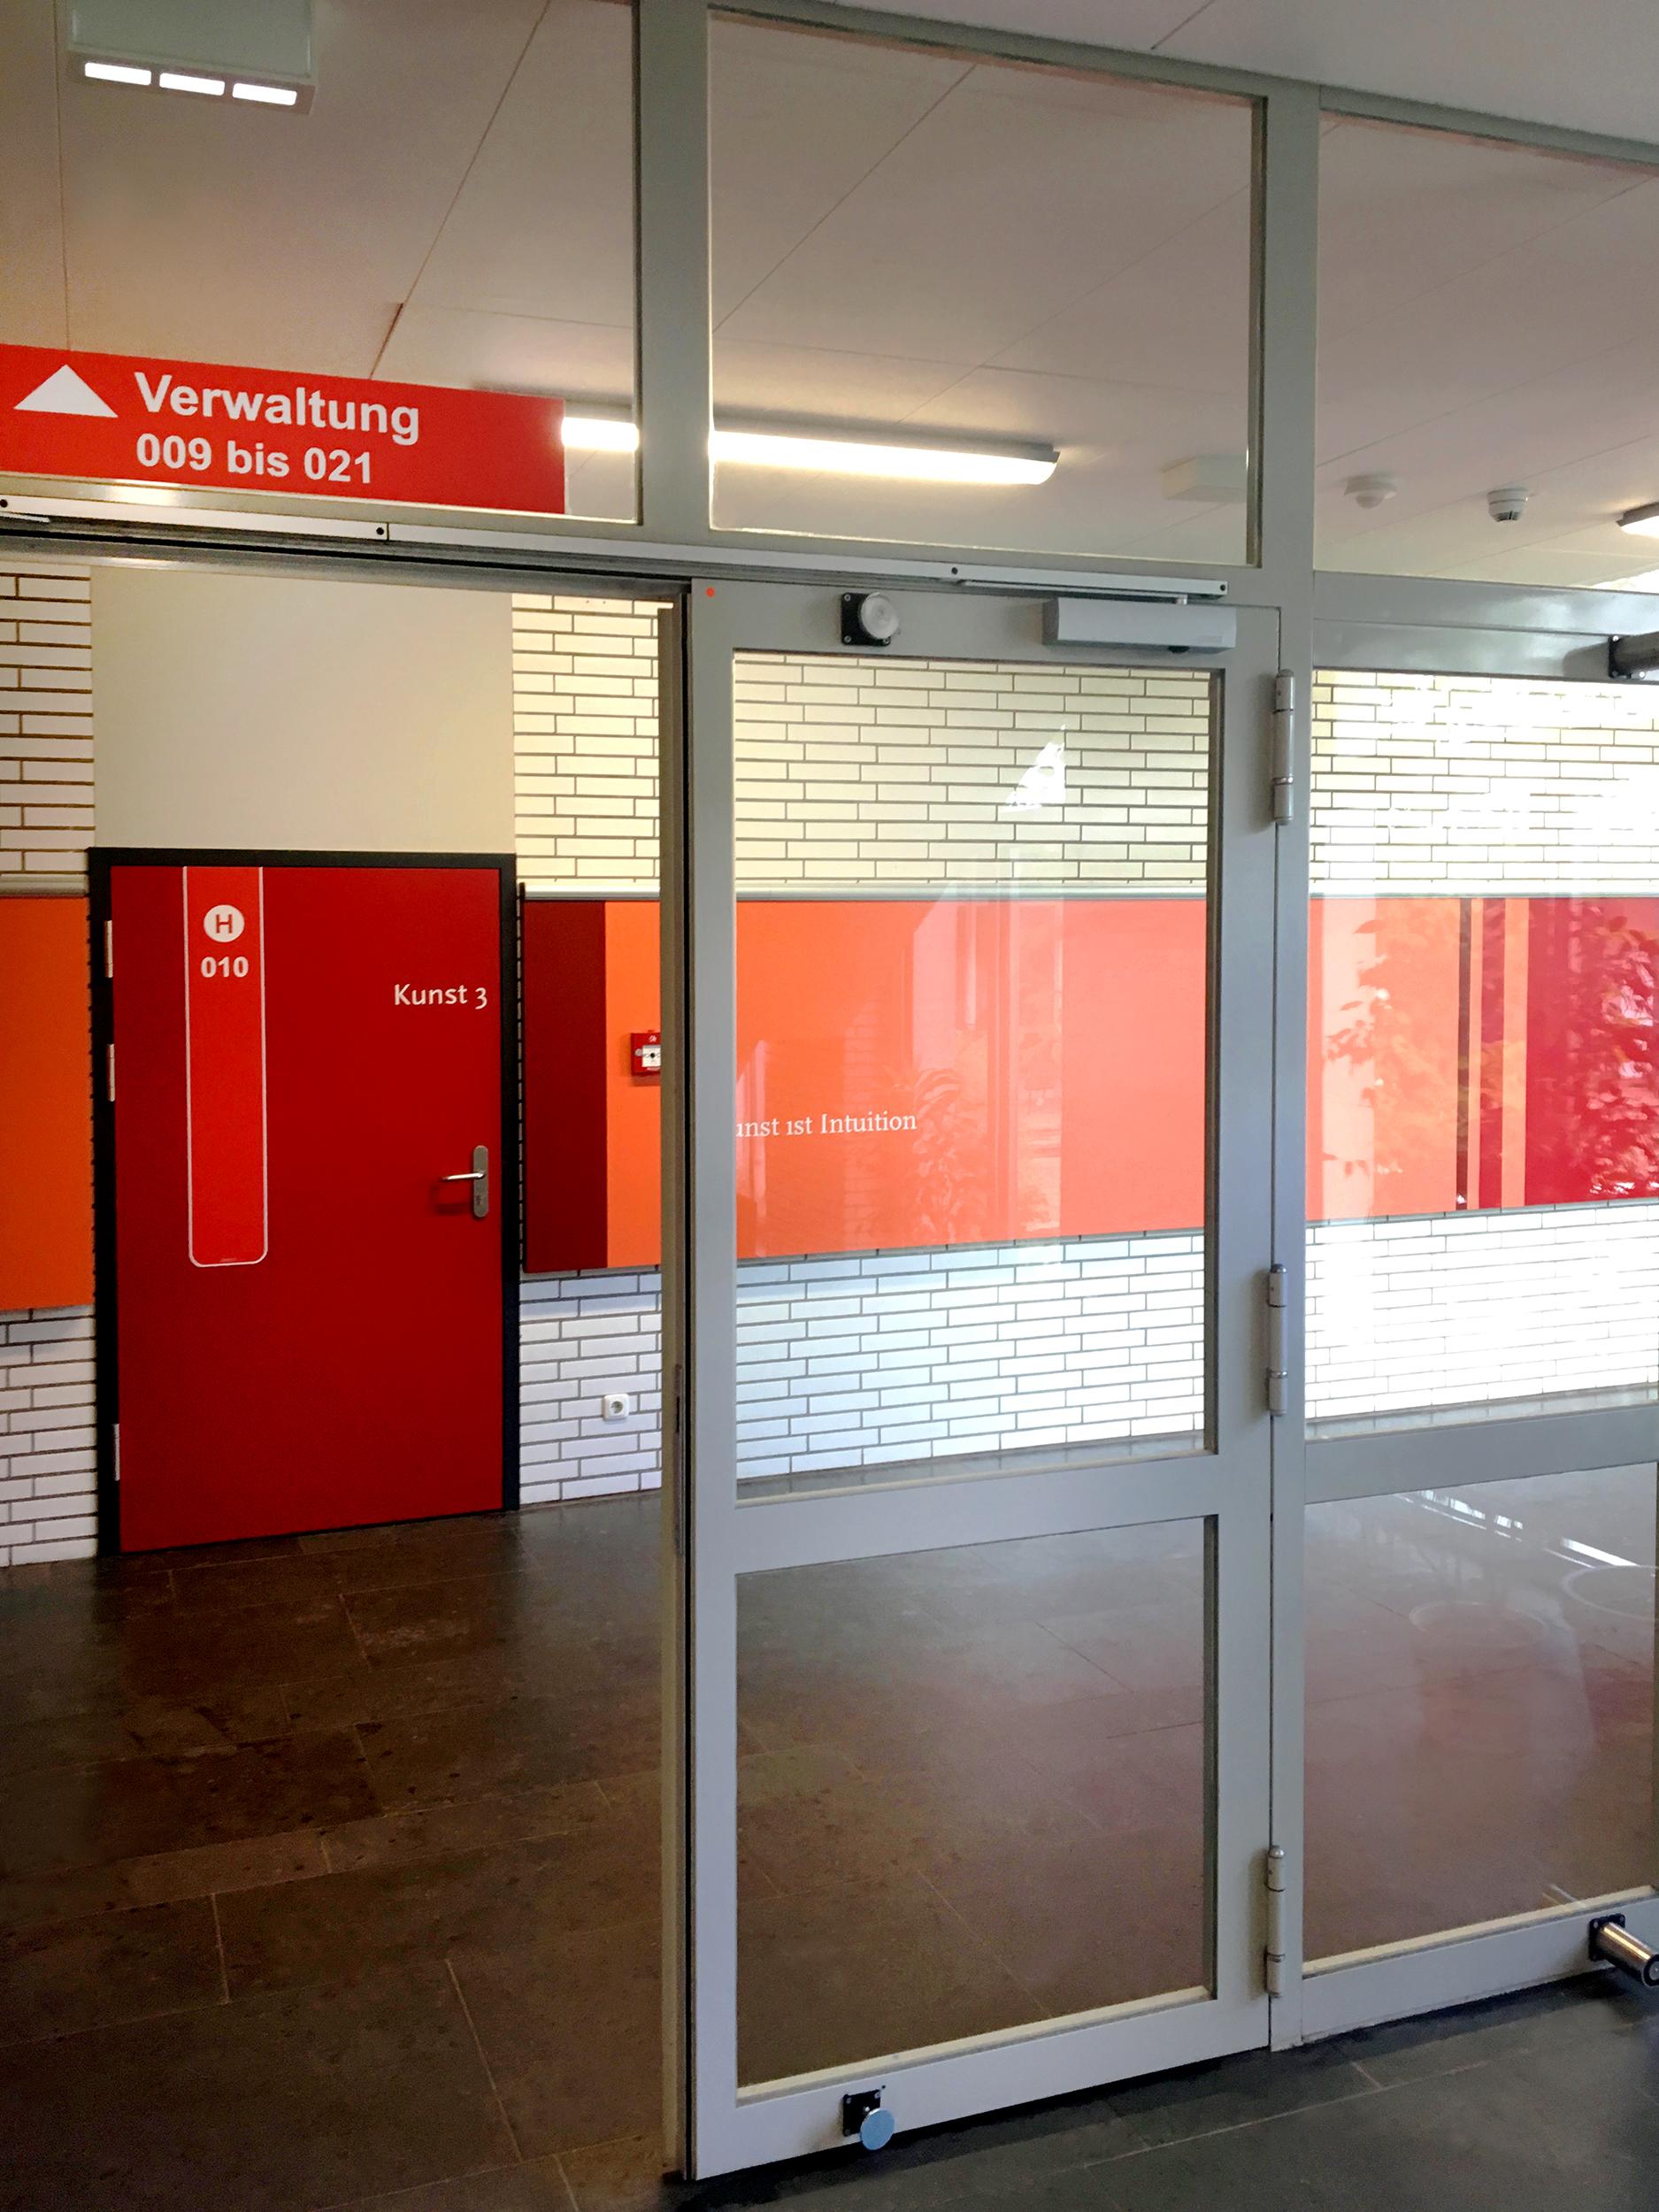 Türmarker in der Immanuel-Kant-Schule im roten Bereich. Oberlichter sichtbar.